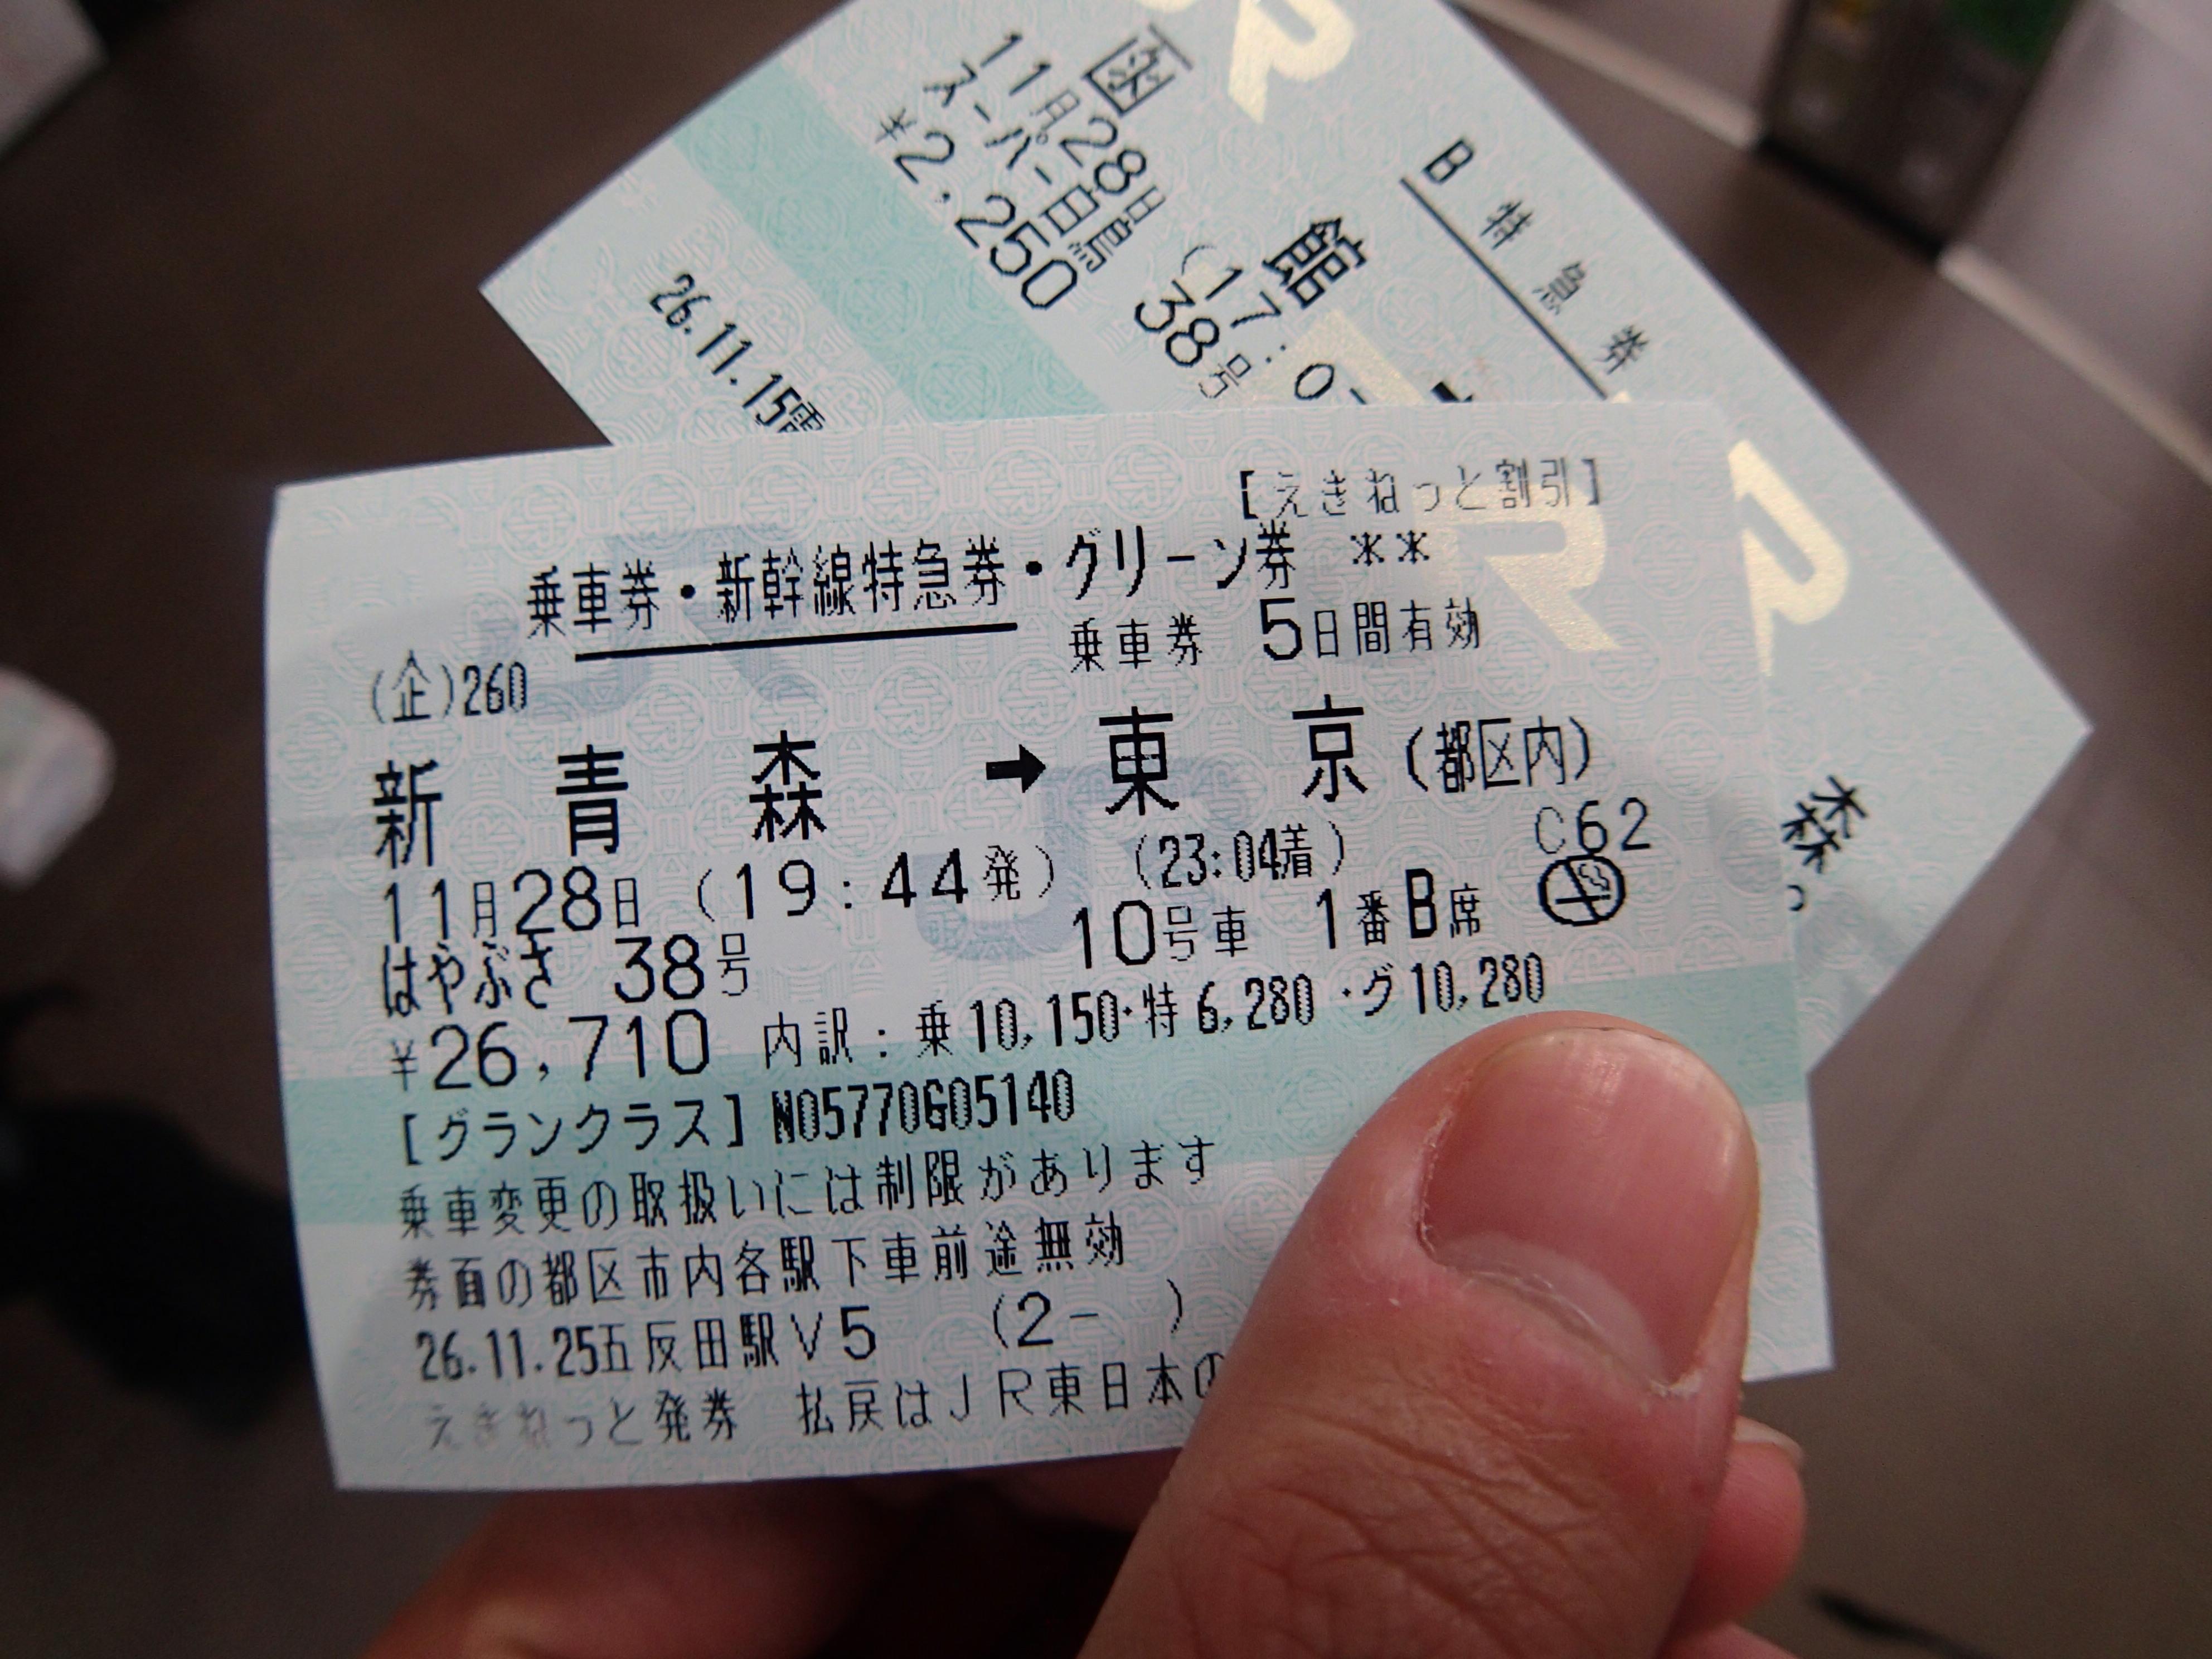 東京行き切符